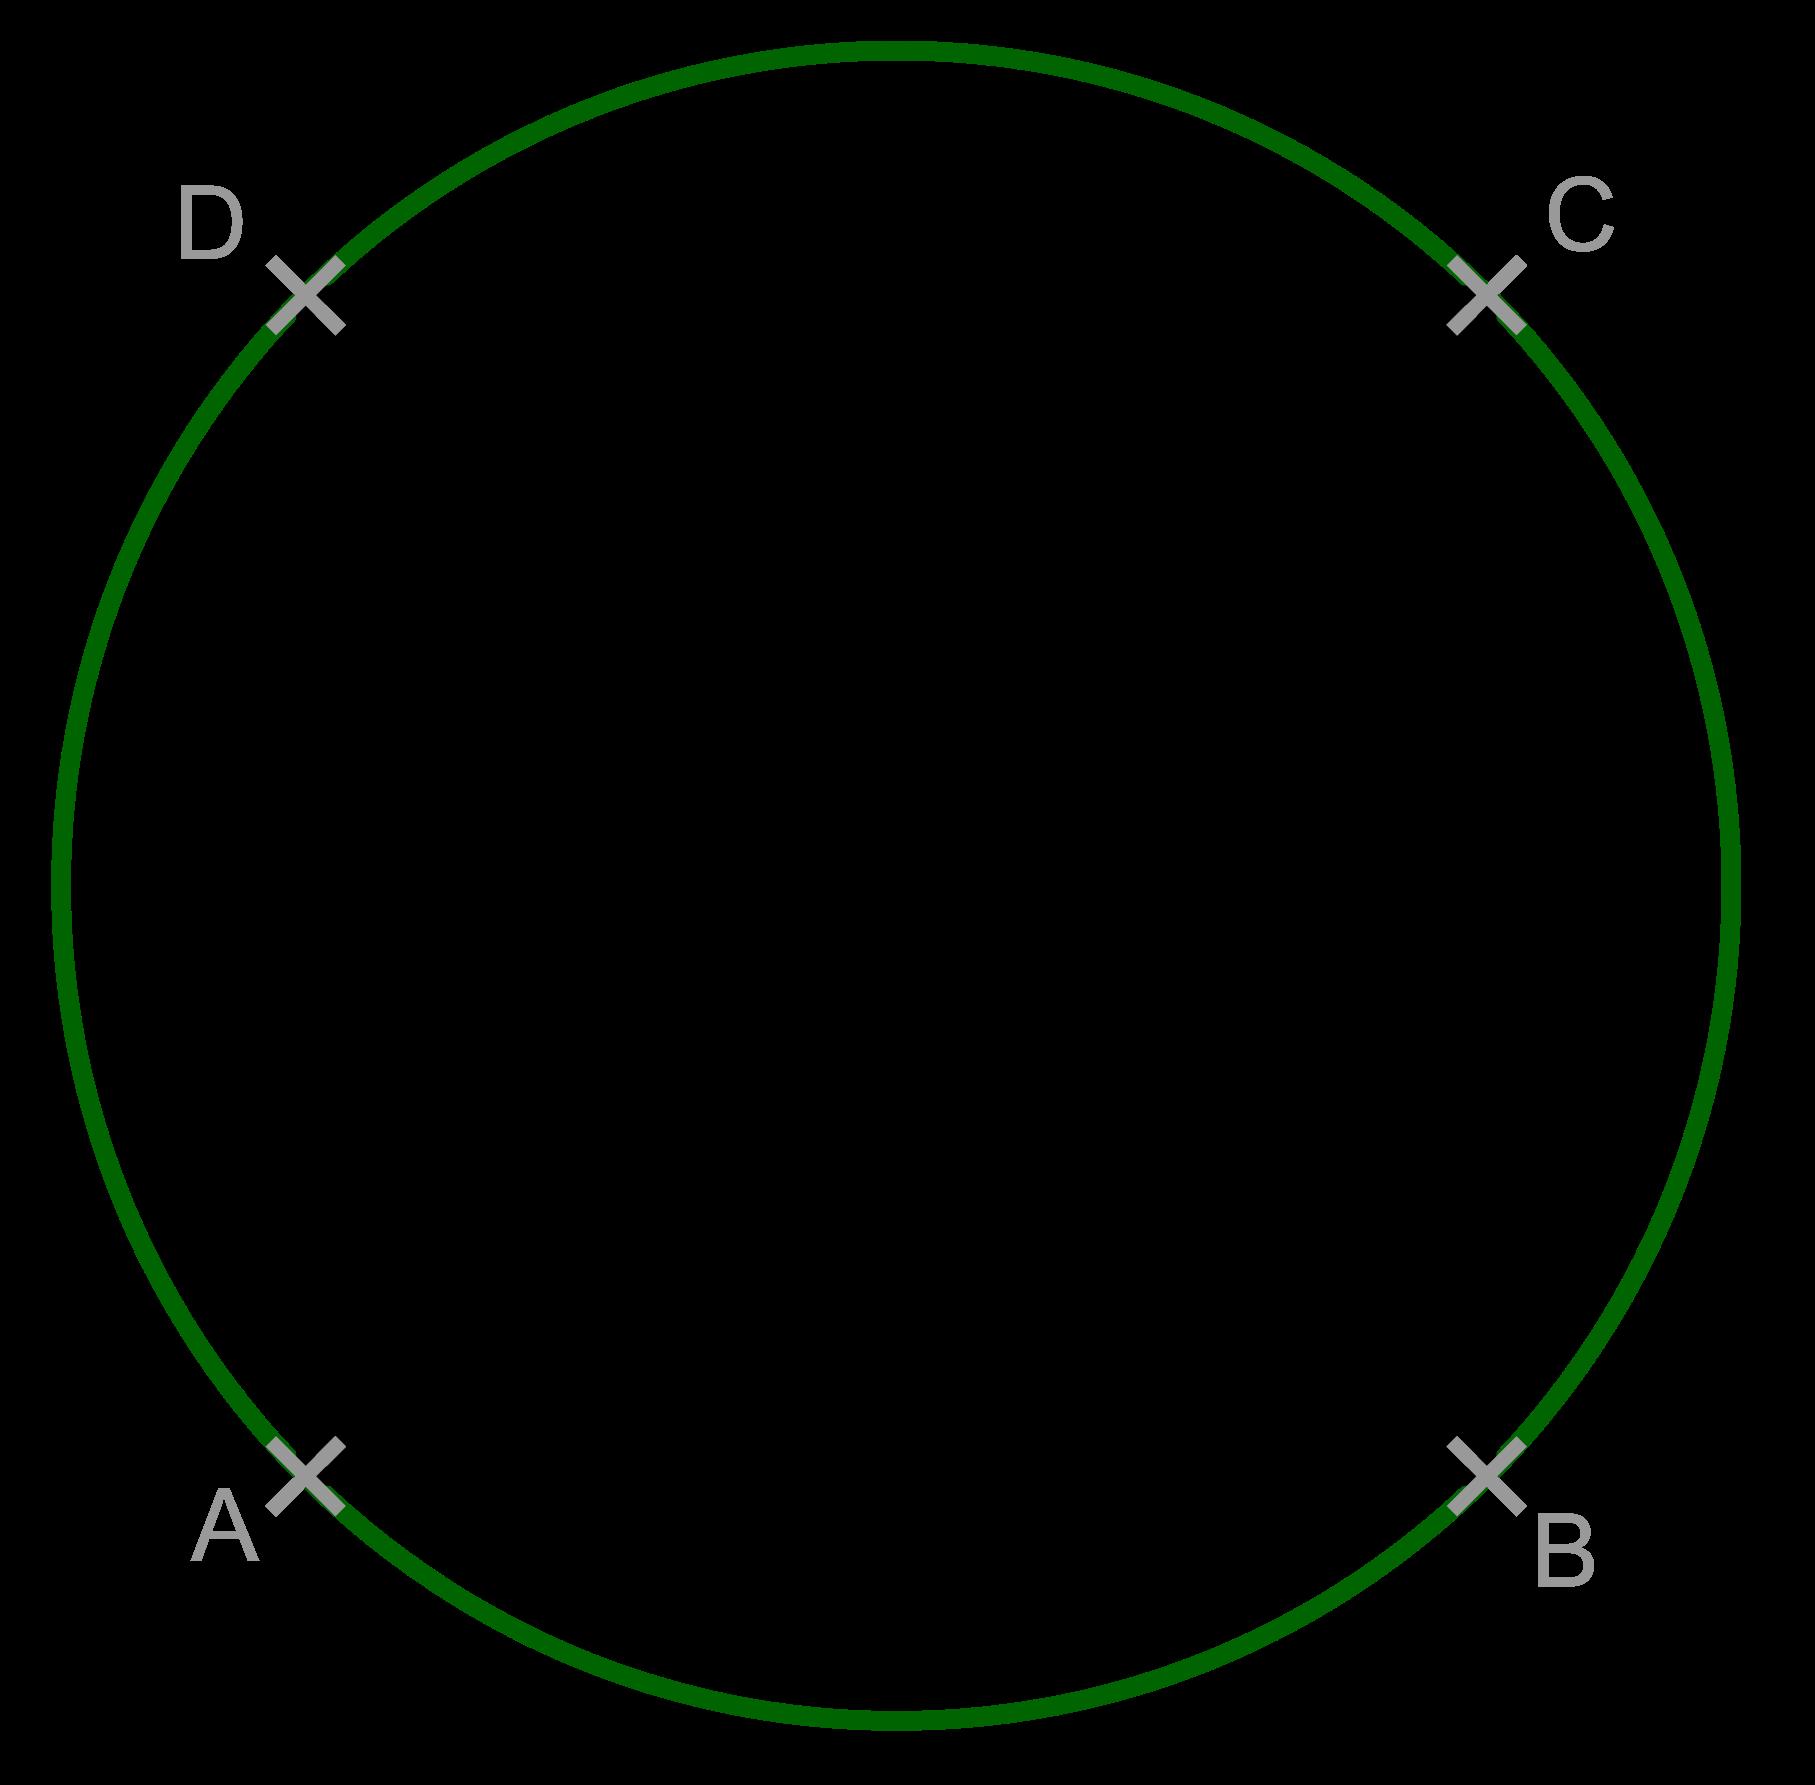 Quadrat mit Umkreis